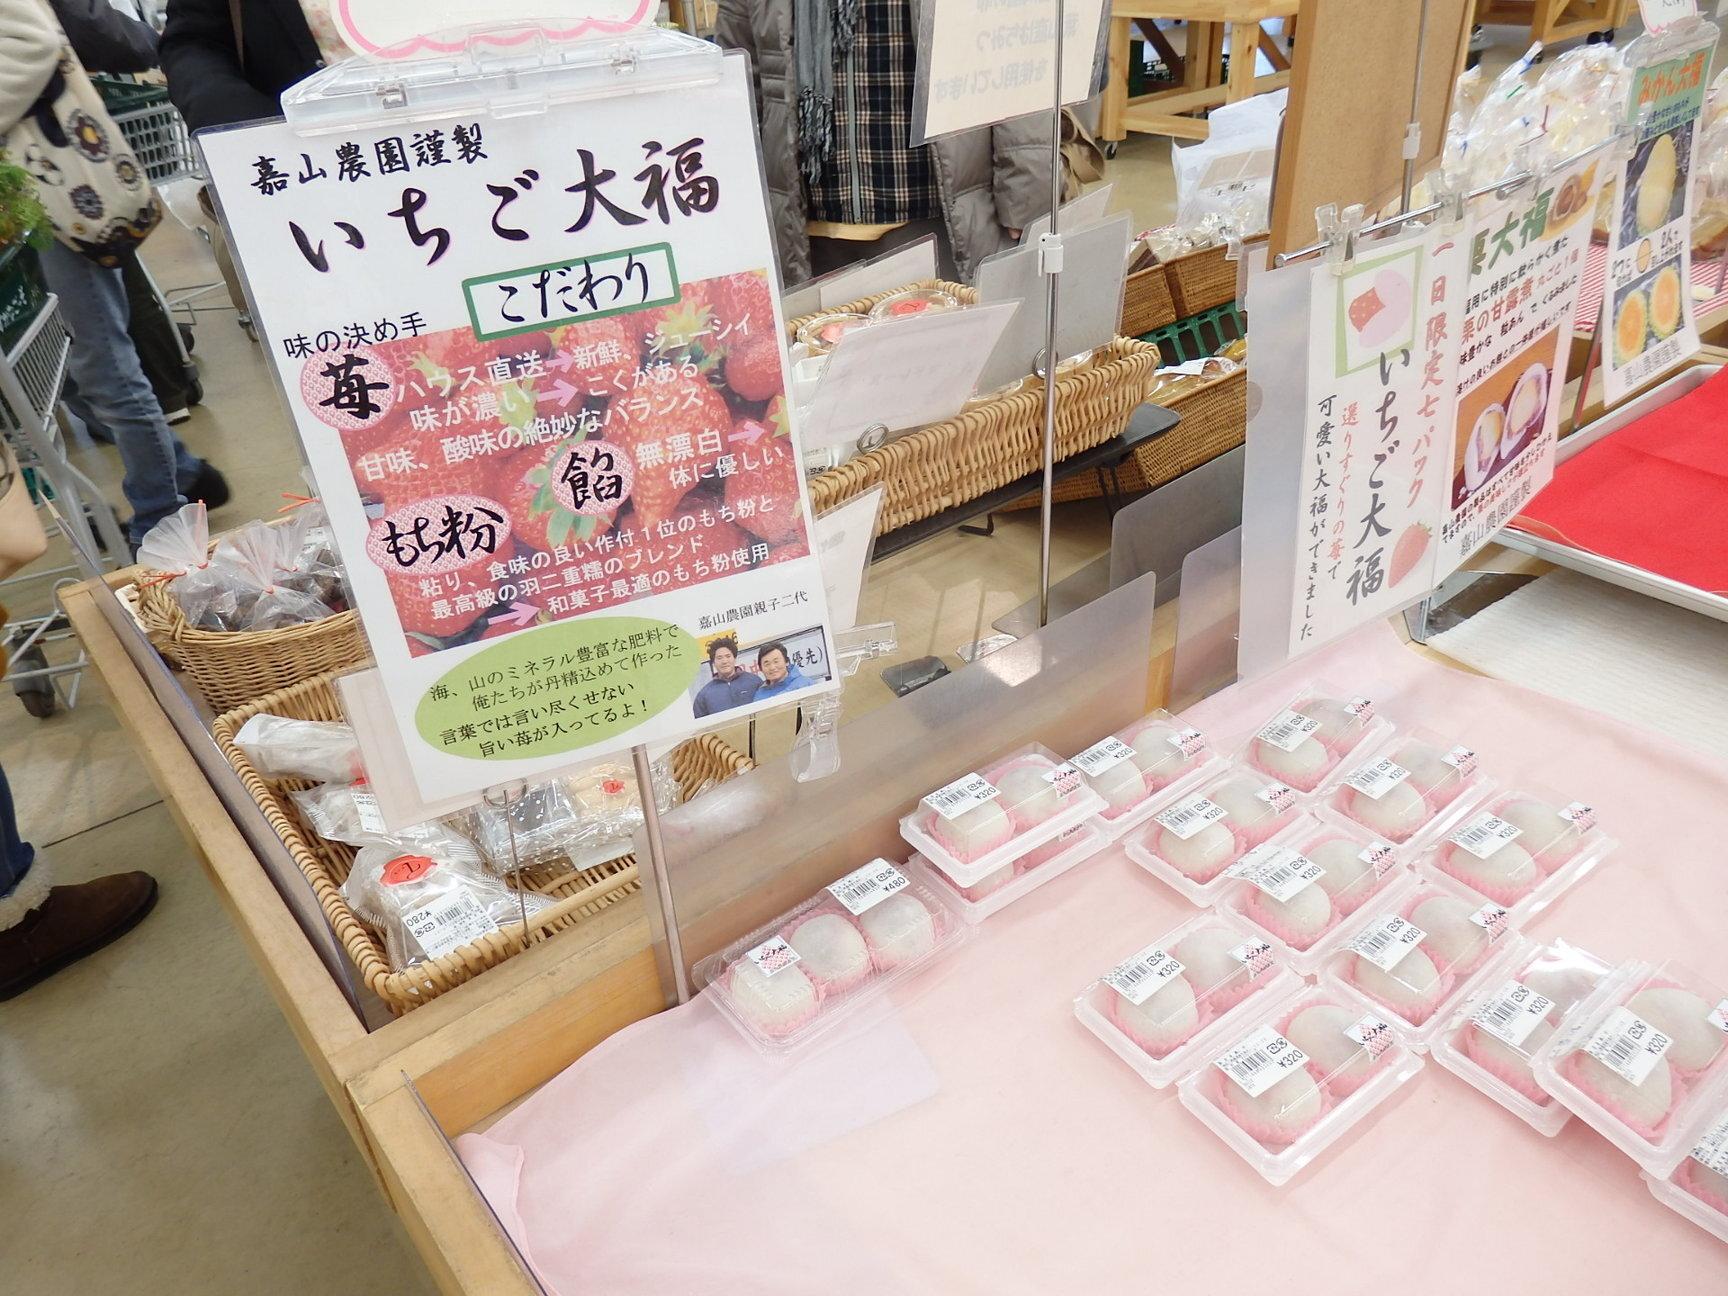 いちご大福―いちごはうす嘉山農園(神奈川県)